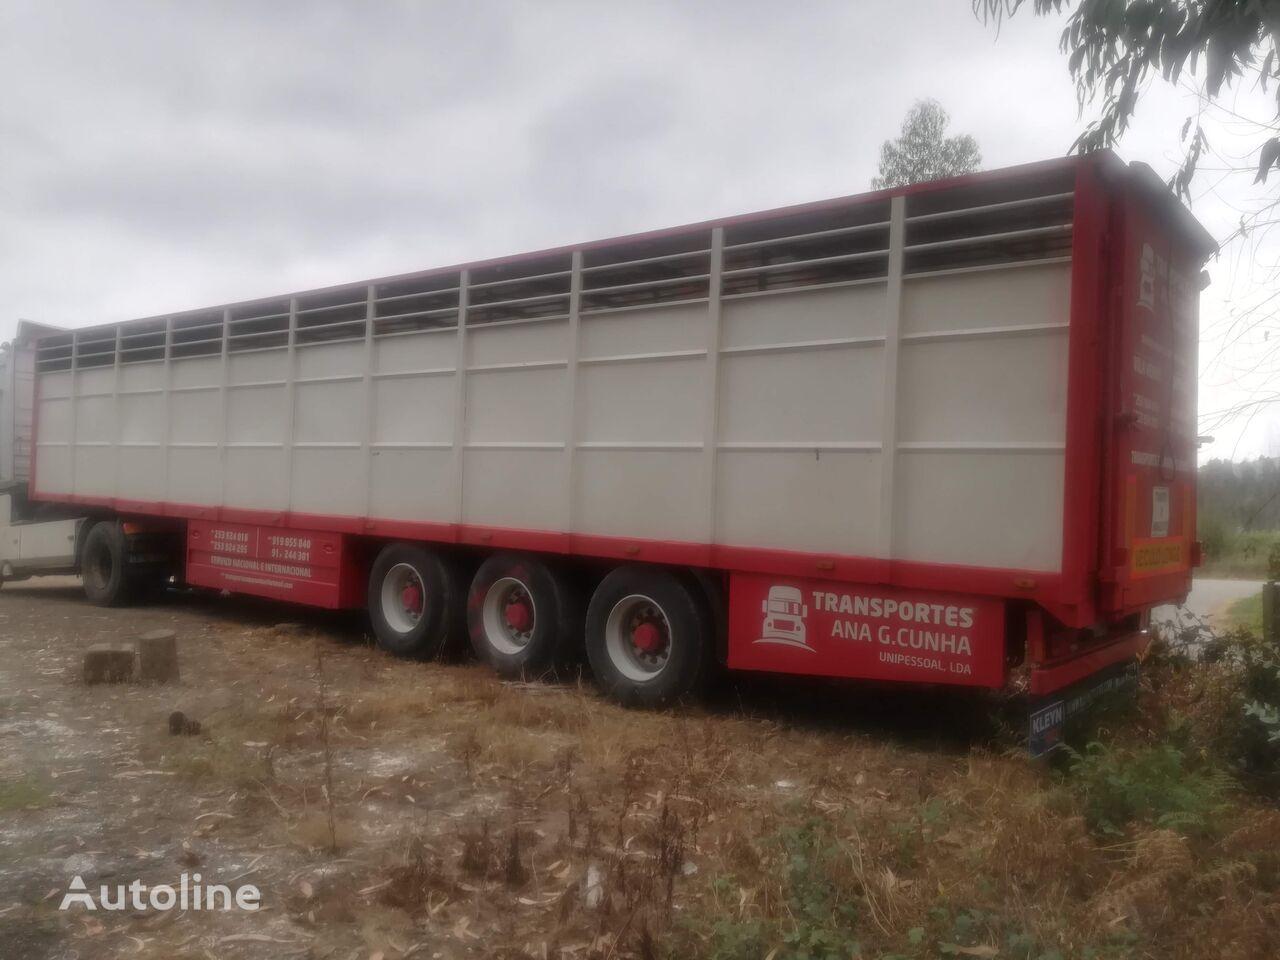 LECI TRAILER SRGV 3/13.6 livestock semi-trailer